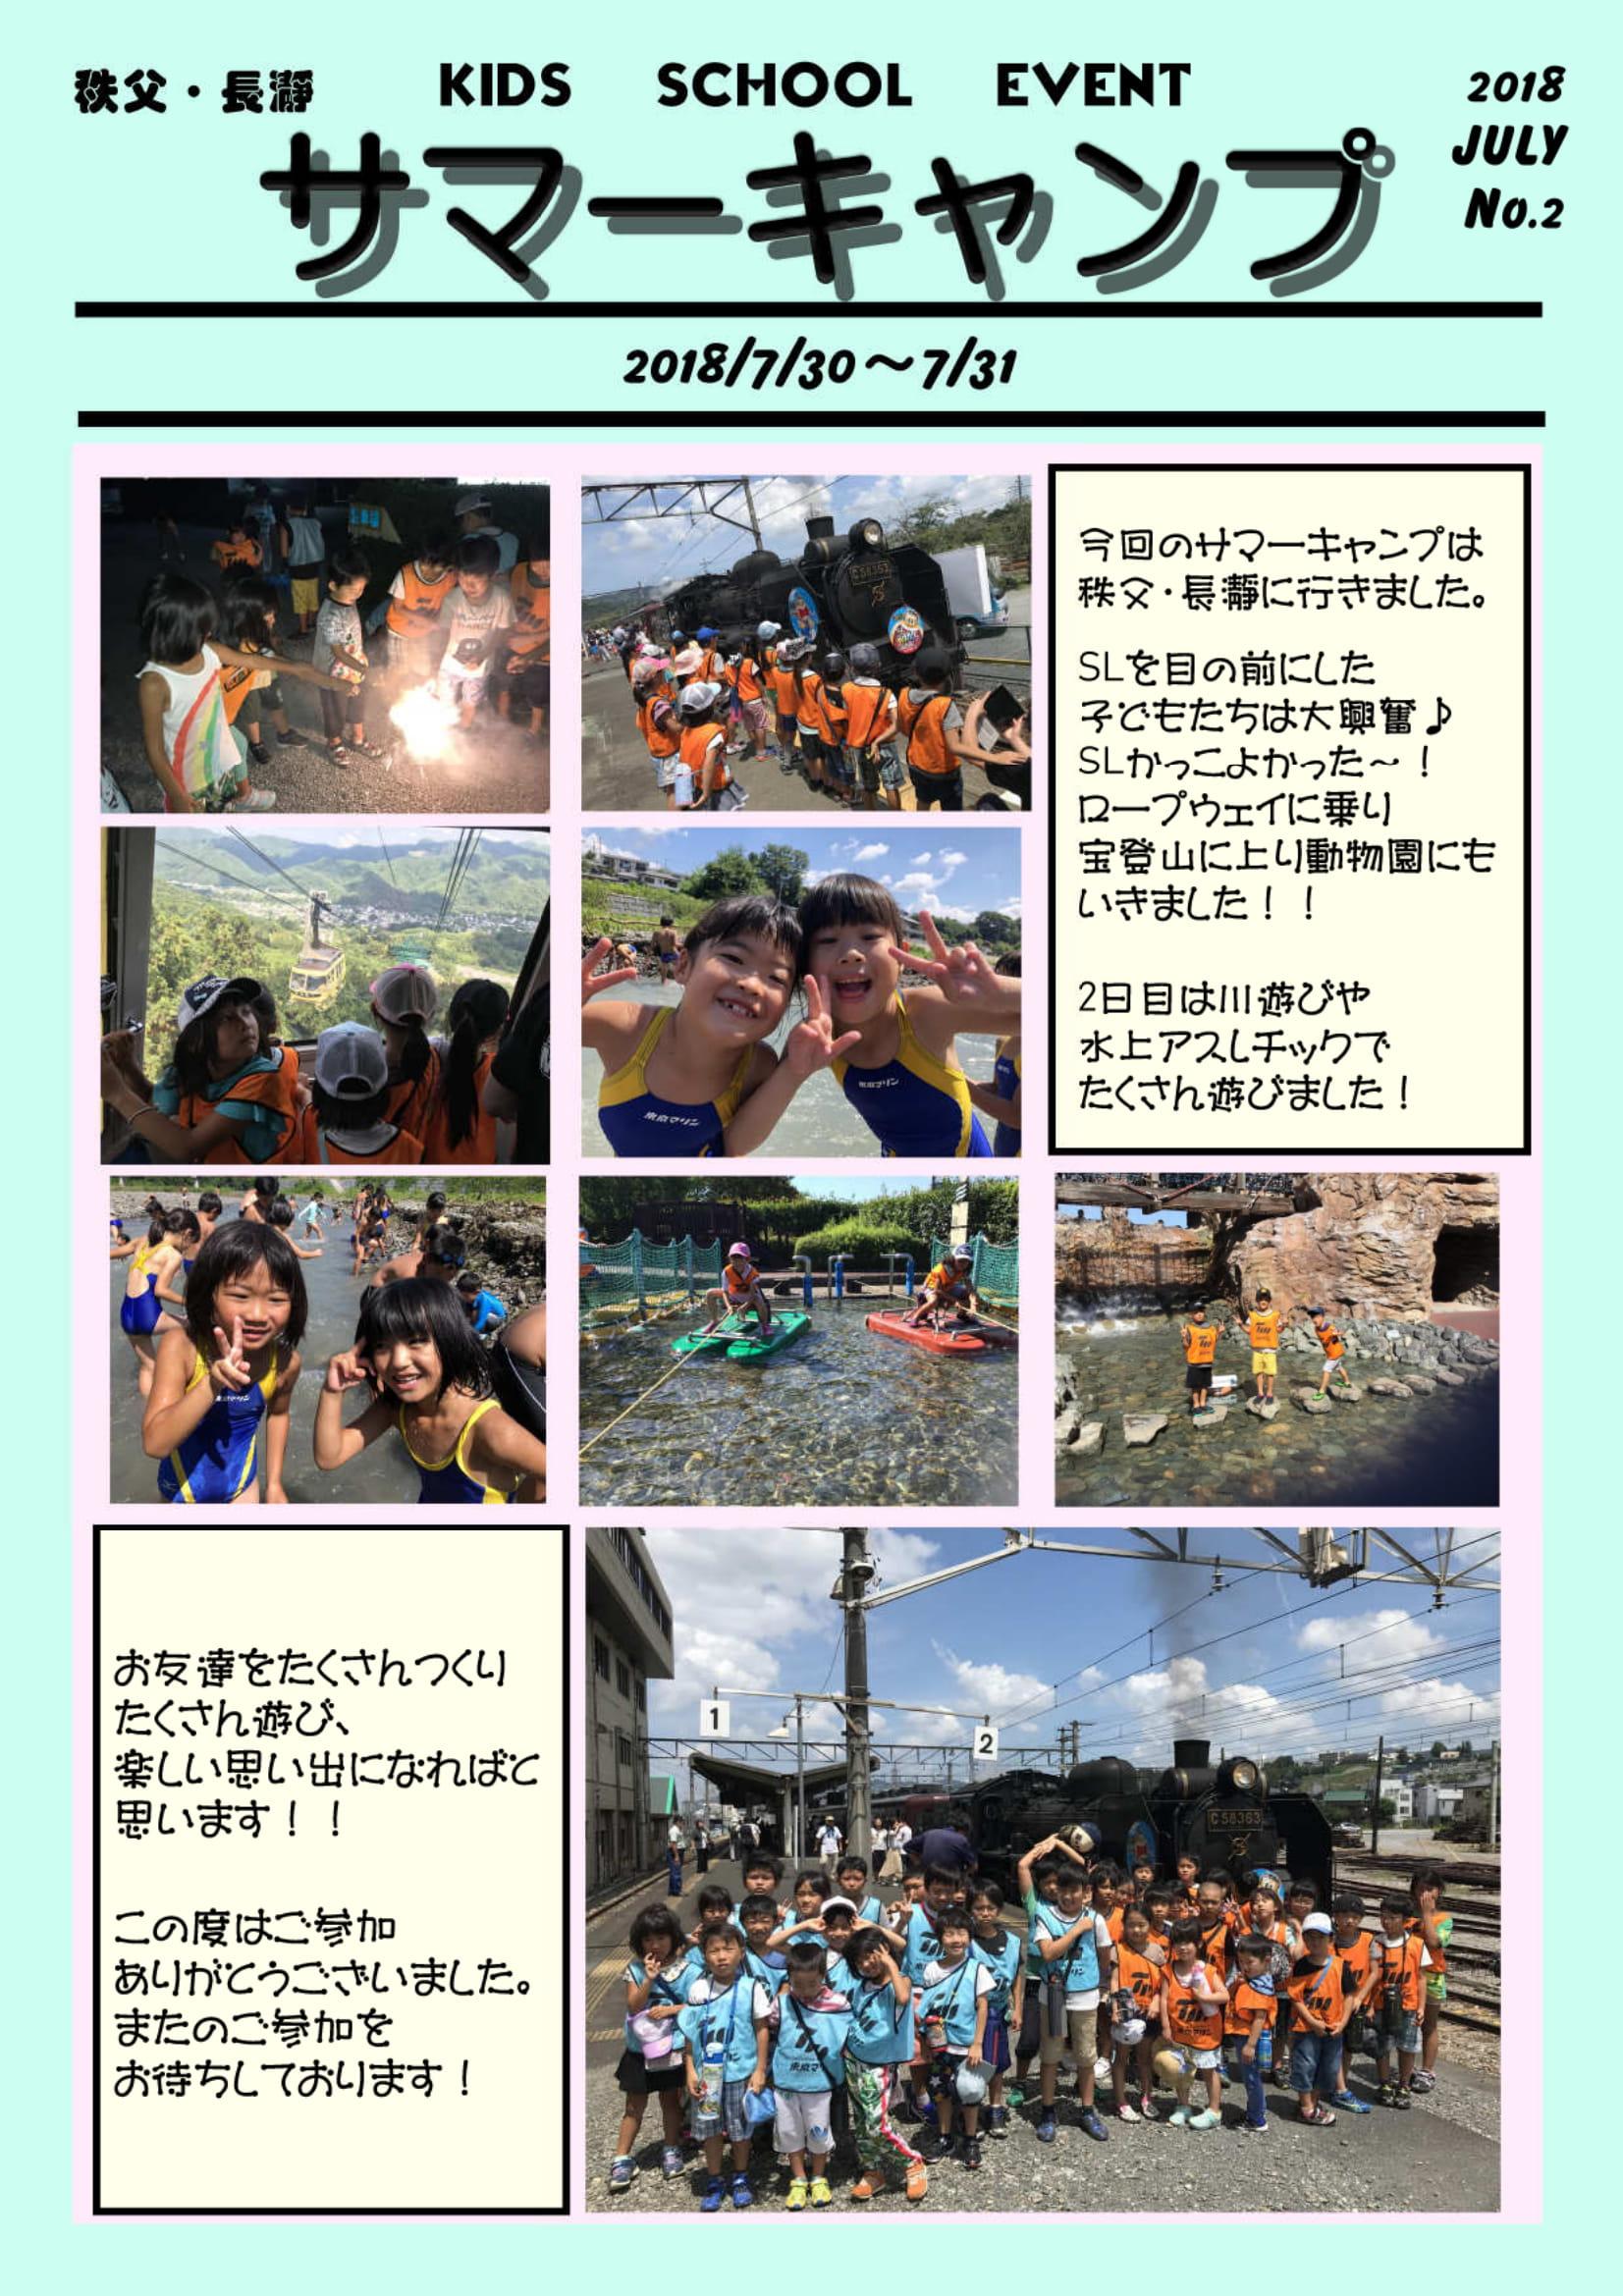 舎人スイミング 「秩父・長瀞サマーキャンプ」に行ってきました!